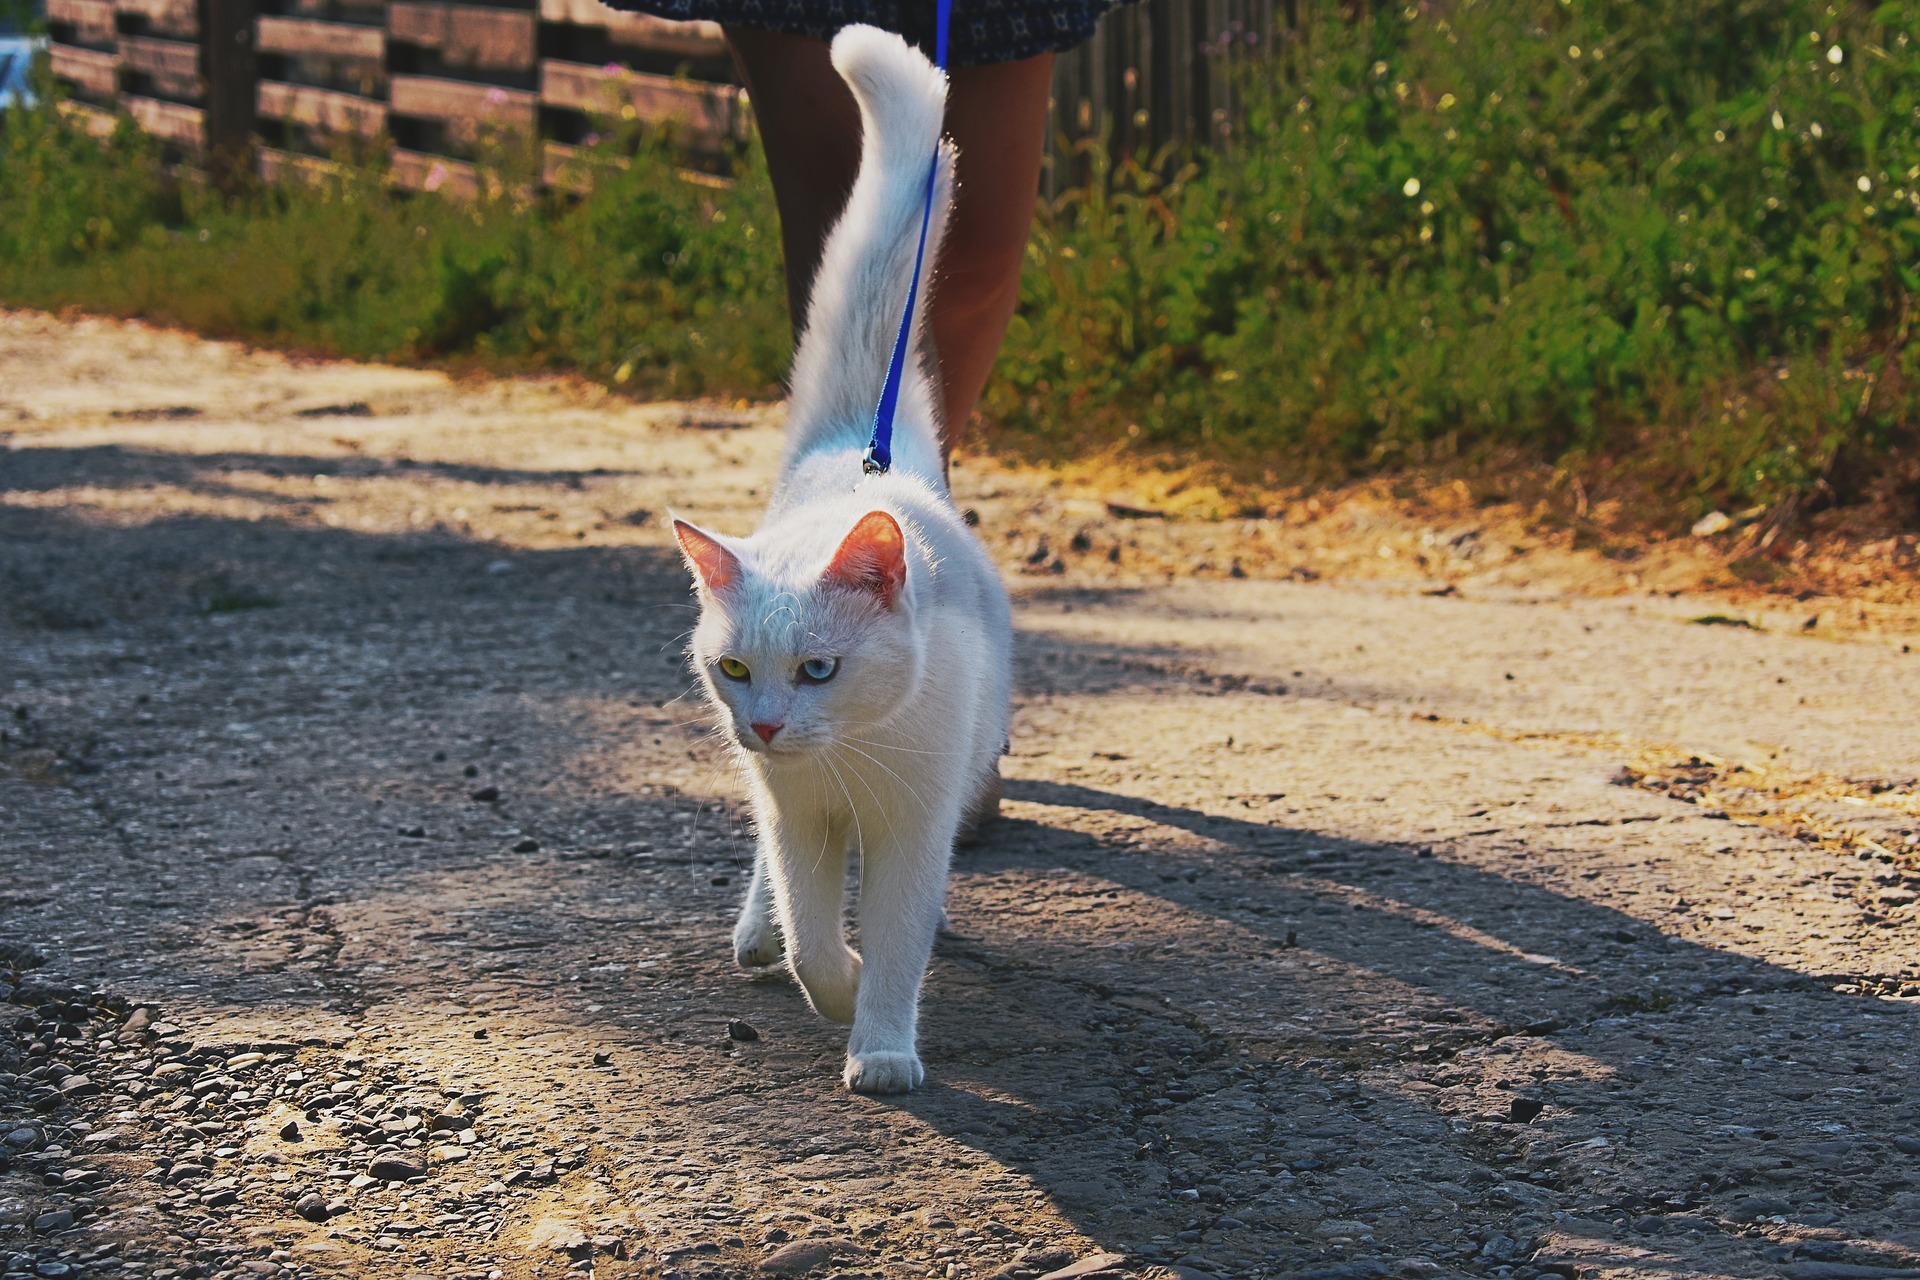 Los gatos disfrutan paseando, en la calle o en casa